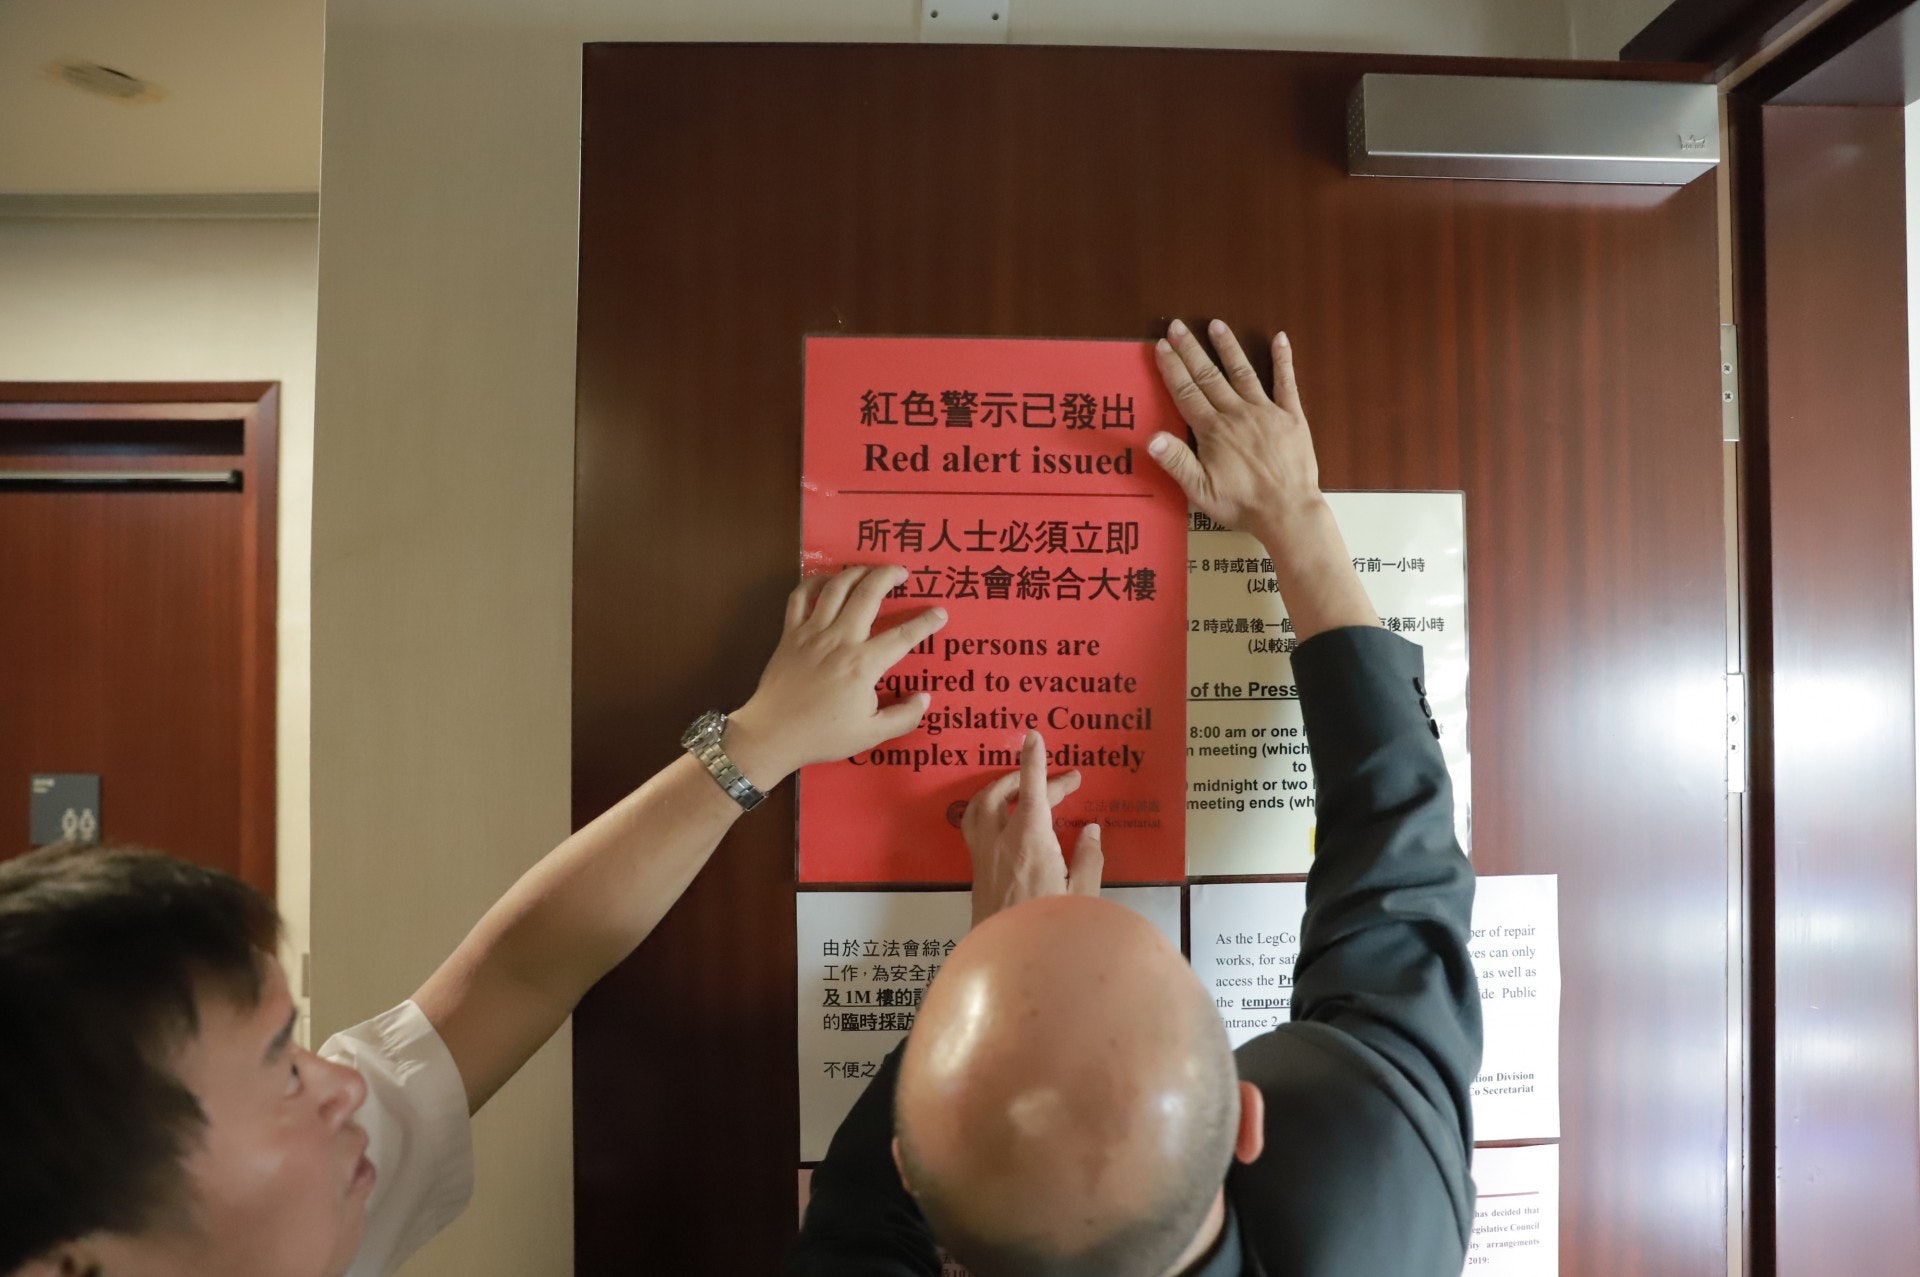 下午6時許,集會仍未正式開始,立法會秘書處已發出紅色警示。(羅國輝攝)